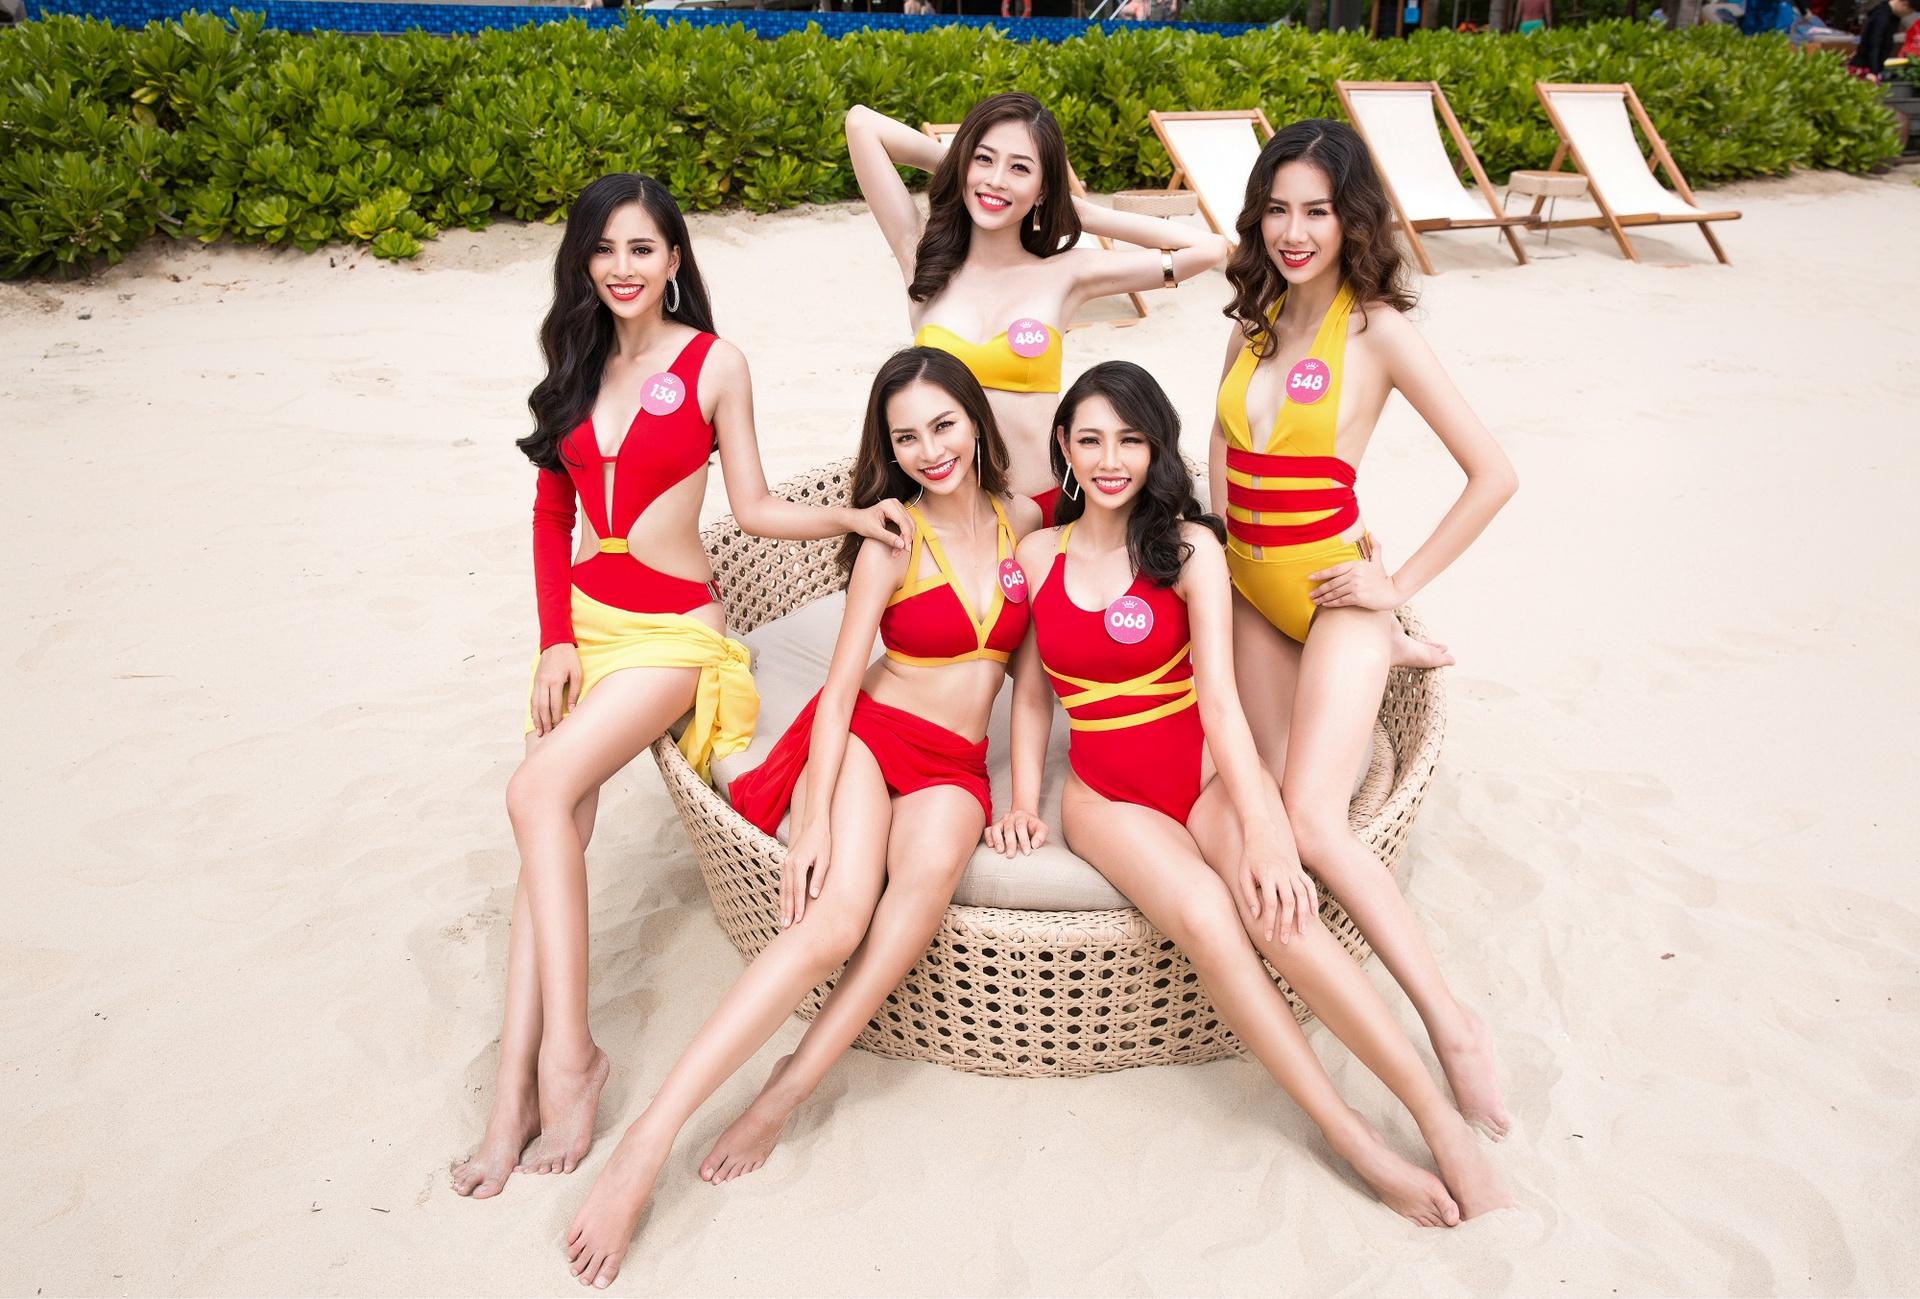 Bóc loạt áo tắm bị chê tả tơi vì xấu tại các cuộc thi Hoa hậu ở Việt Nam, có bộ còn khiến thí sinh lộ hàng ngay tại chỗ - Ảnh 12.